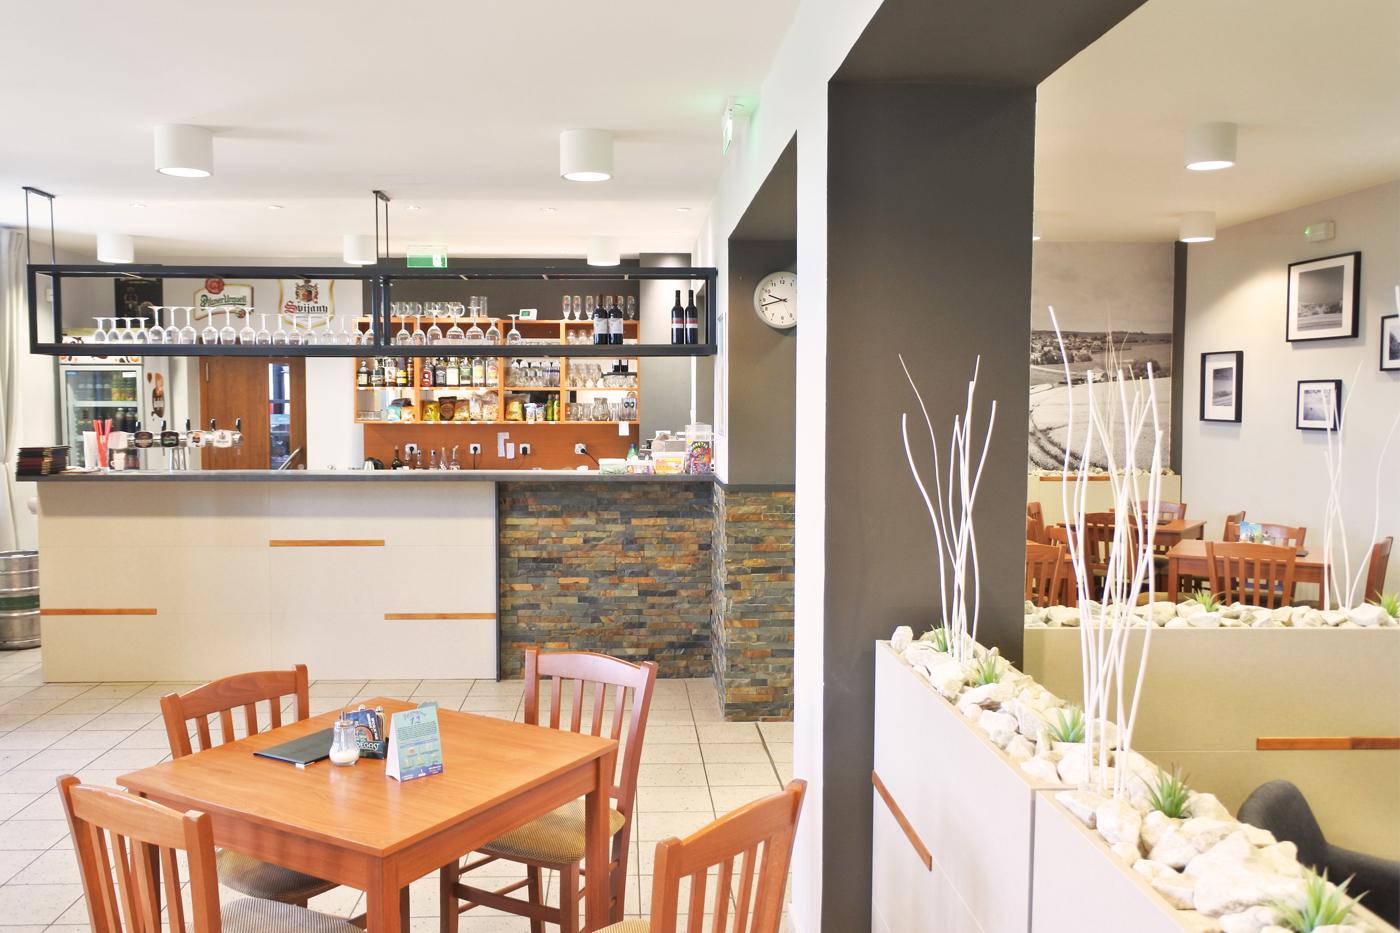 Dále je bar doplněn o horní závěsnou rampu s policemi, kde ještě přibudou retro žárovky.